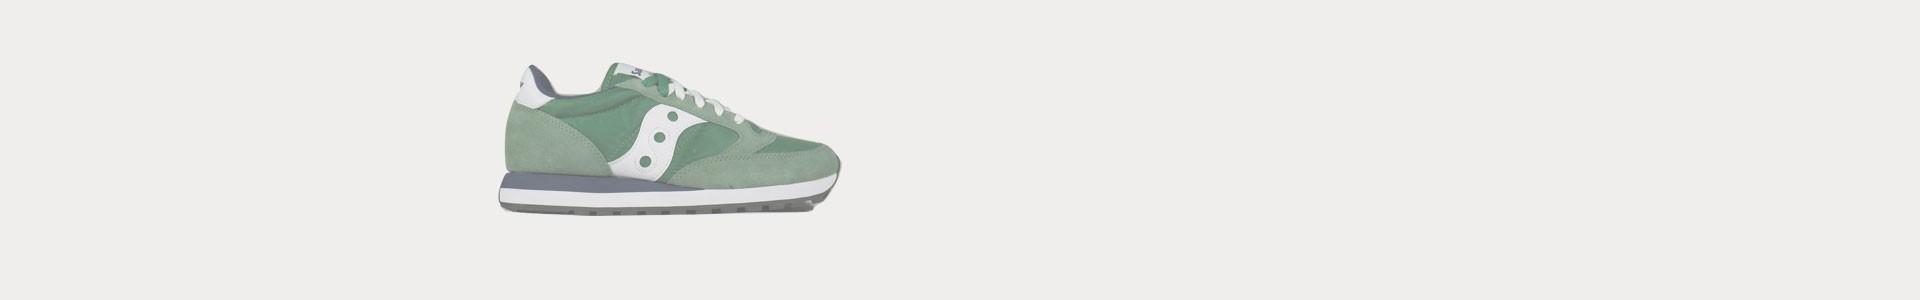 Scarpe Uomo online | Acquista su AnyGivenSunday.Shop